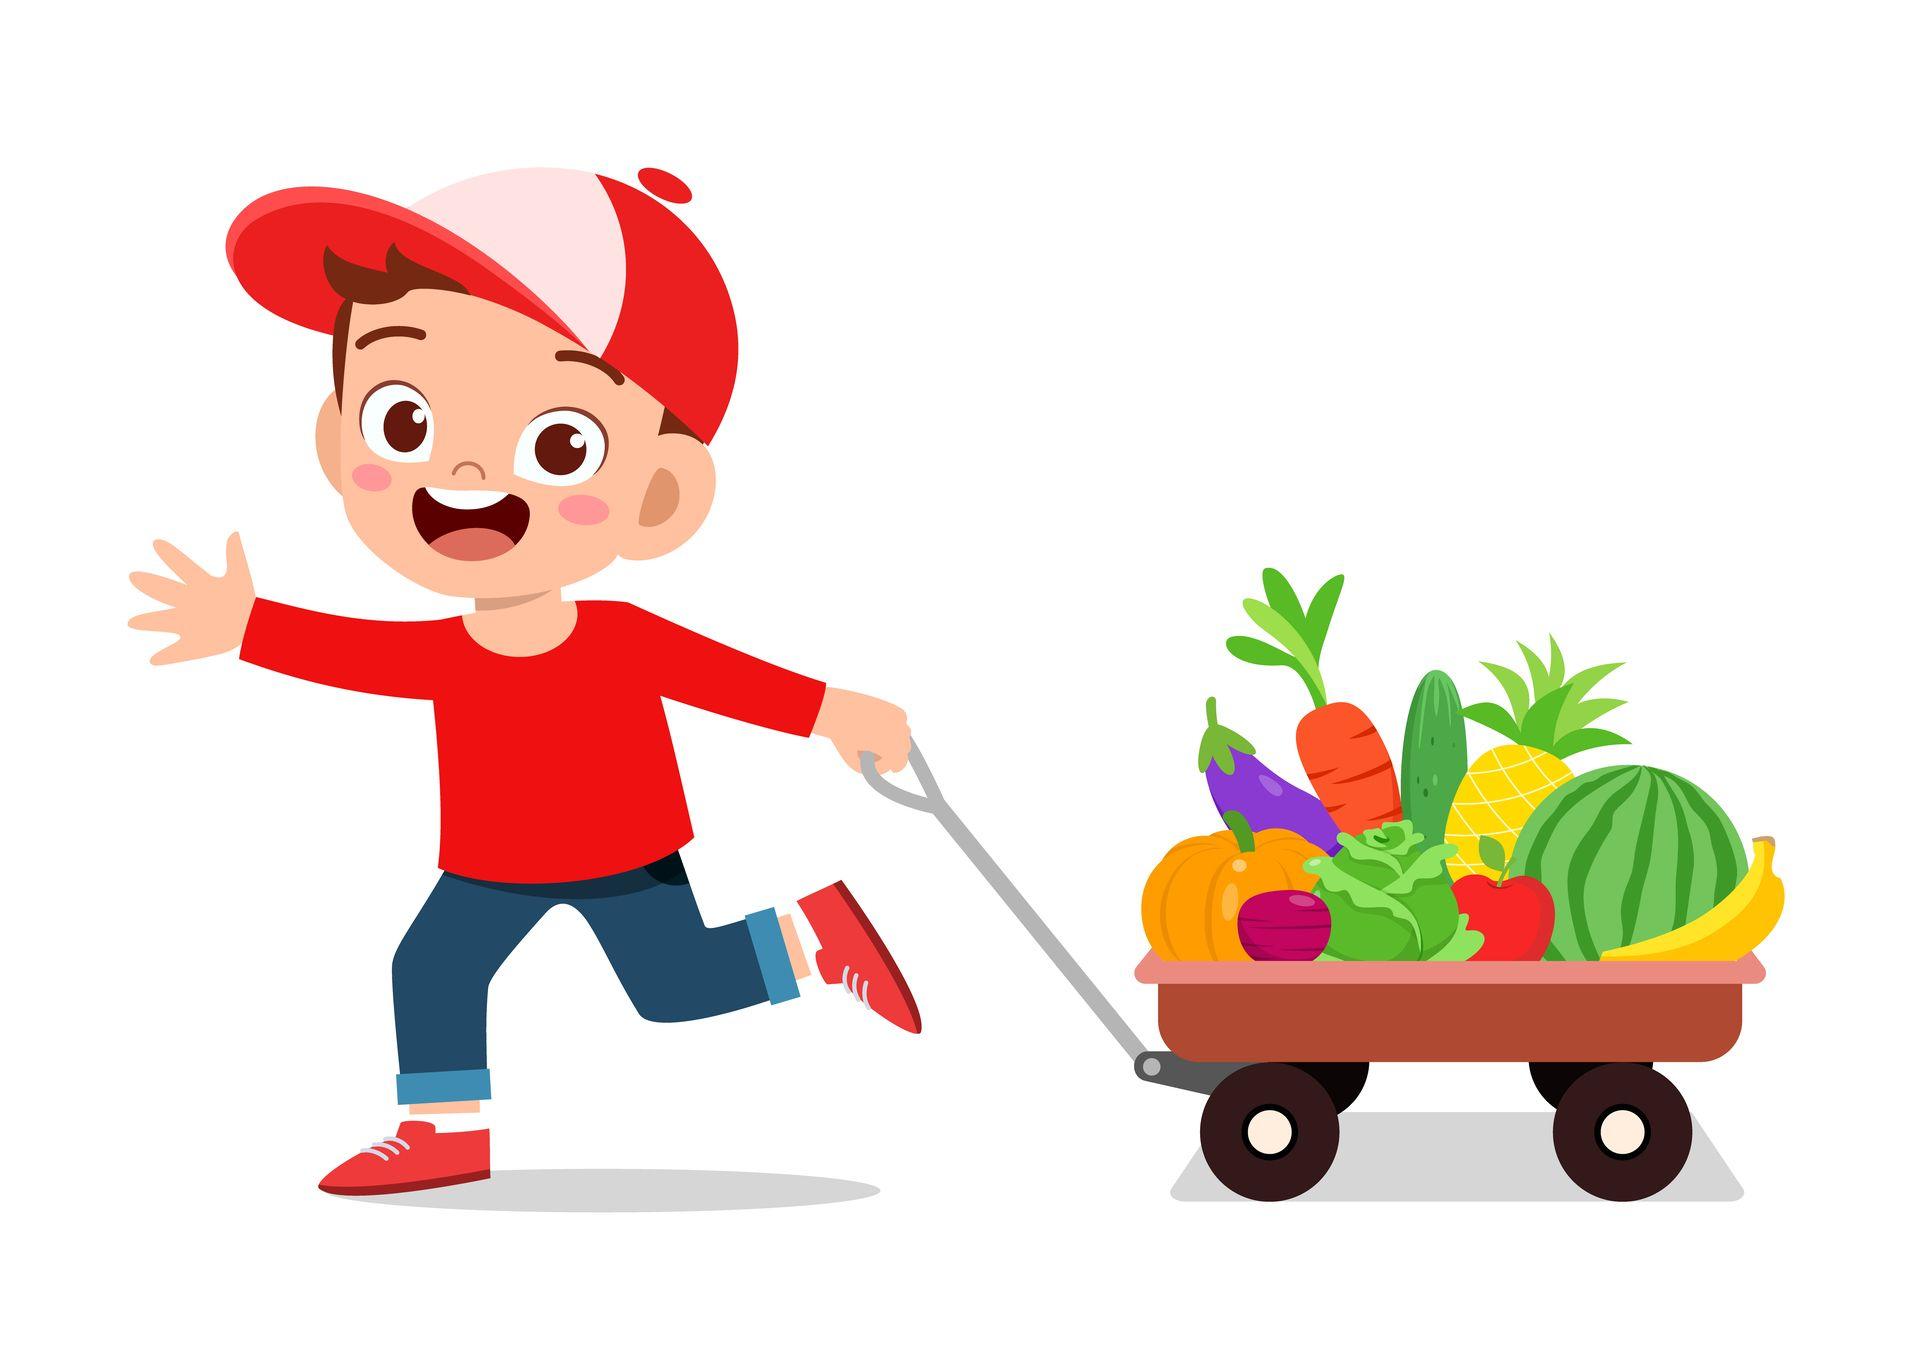 Frutas En Ingles Lista De 45 Frutas En Ingles Y Espanol Para Ninos Actividades De Manualidades Para Ninos Ninos Y Ninas Animados Ilustracion De Los Ninos